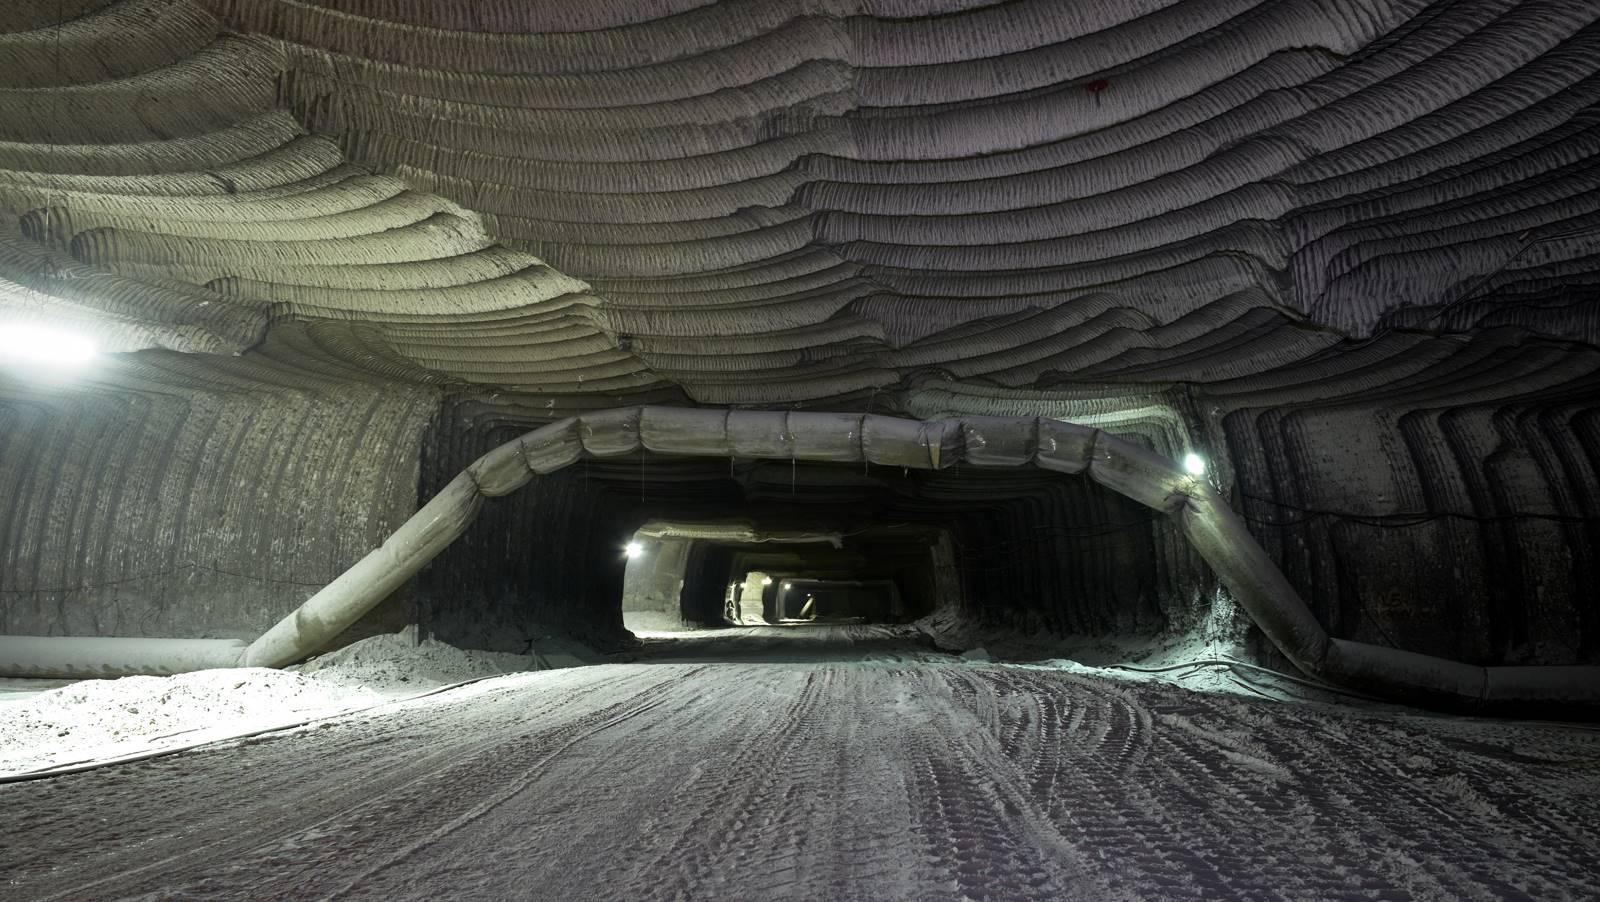 oltre 70 chilometri di gallerie